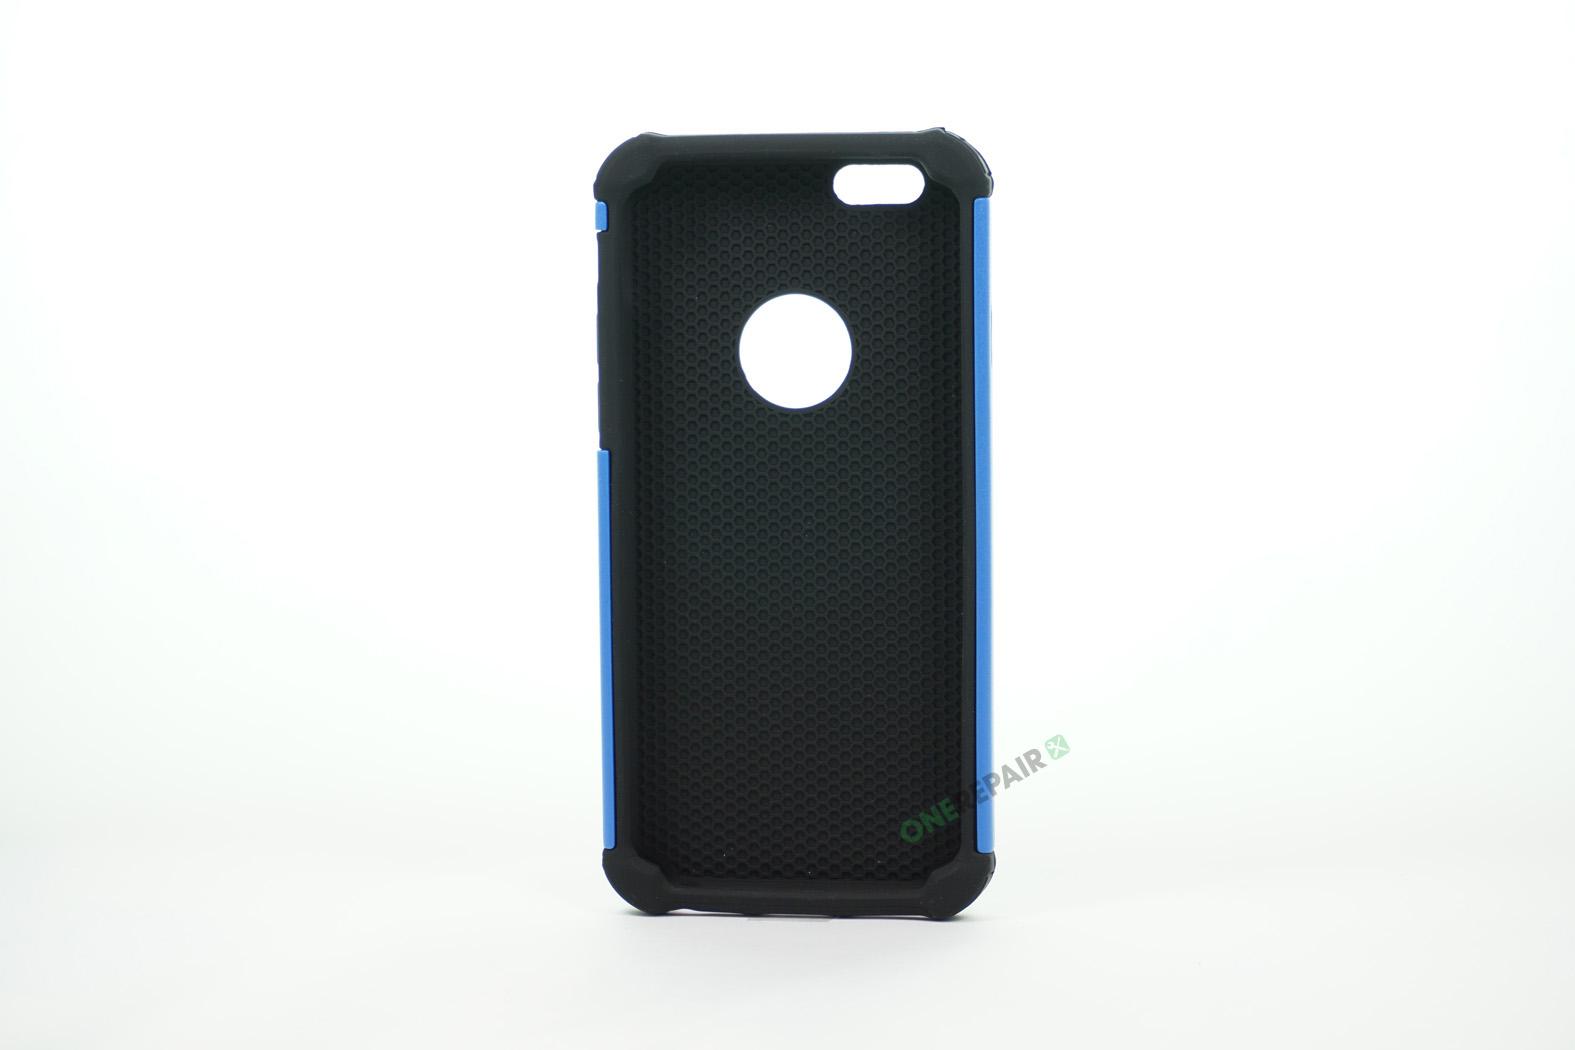 350527_iPhone_6_6S_Haandvaerkercover_Hardcase_Cover_Blaa_OneRepair_00003